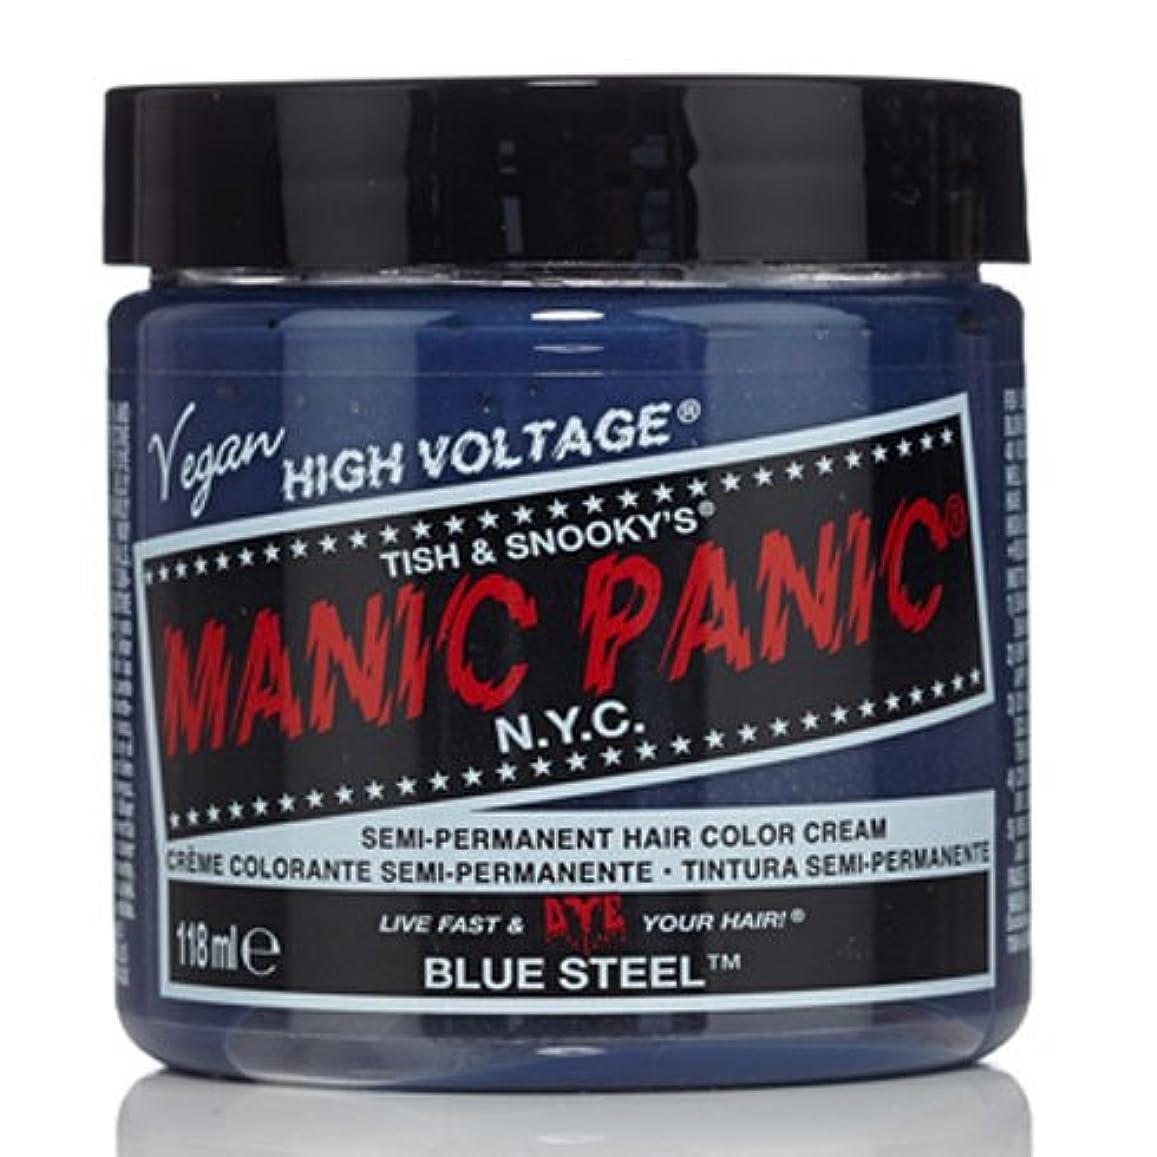 広まったプロテスタントスキャンダラススペシャルセットMANIC PANICマニックパニック:BLUE STEEL (ブルースティール)+ヘアカラーケア4点セット